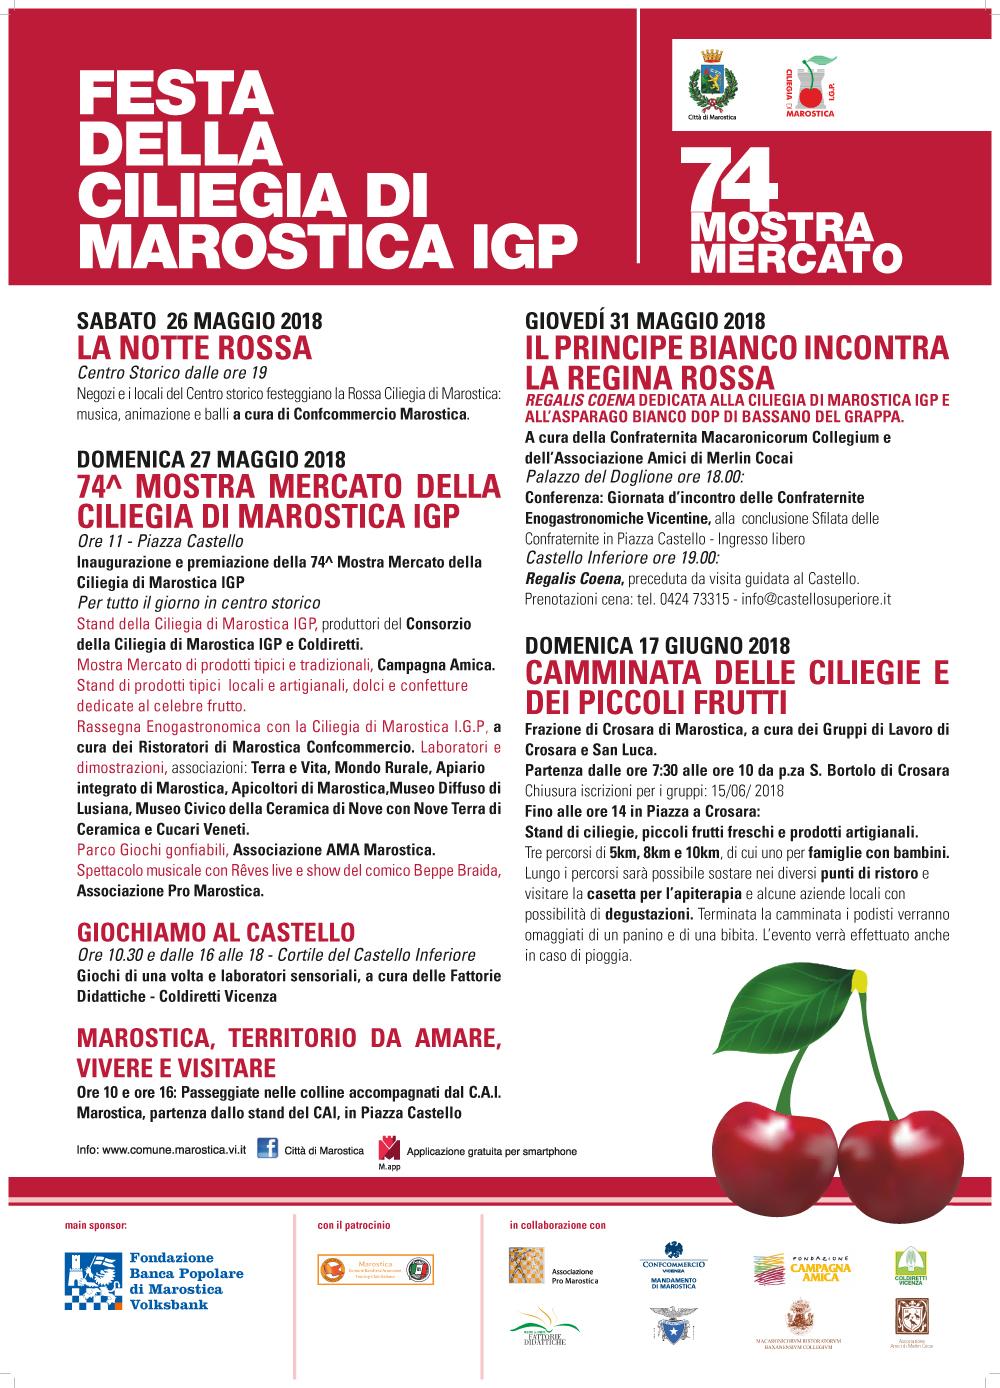 74 Mostra mercato della Ciliegia di Marostica I.G.P.